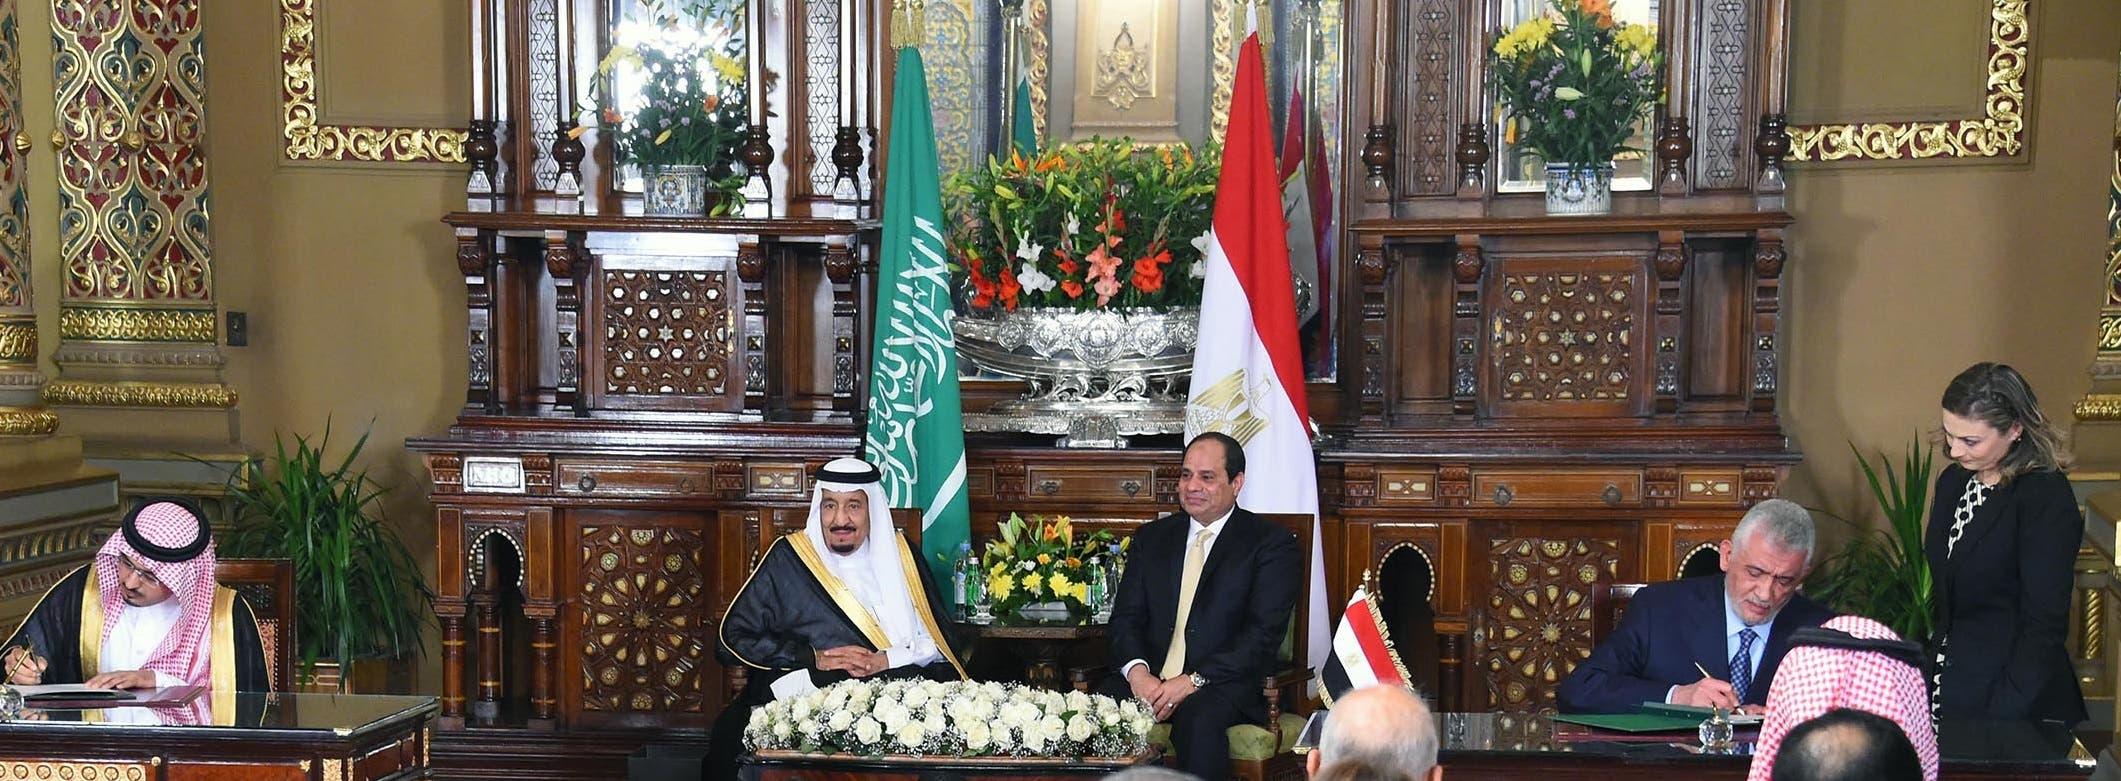 الملك سلمان والرئيس السيسي واتفاقيات في مجالات عديدة